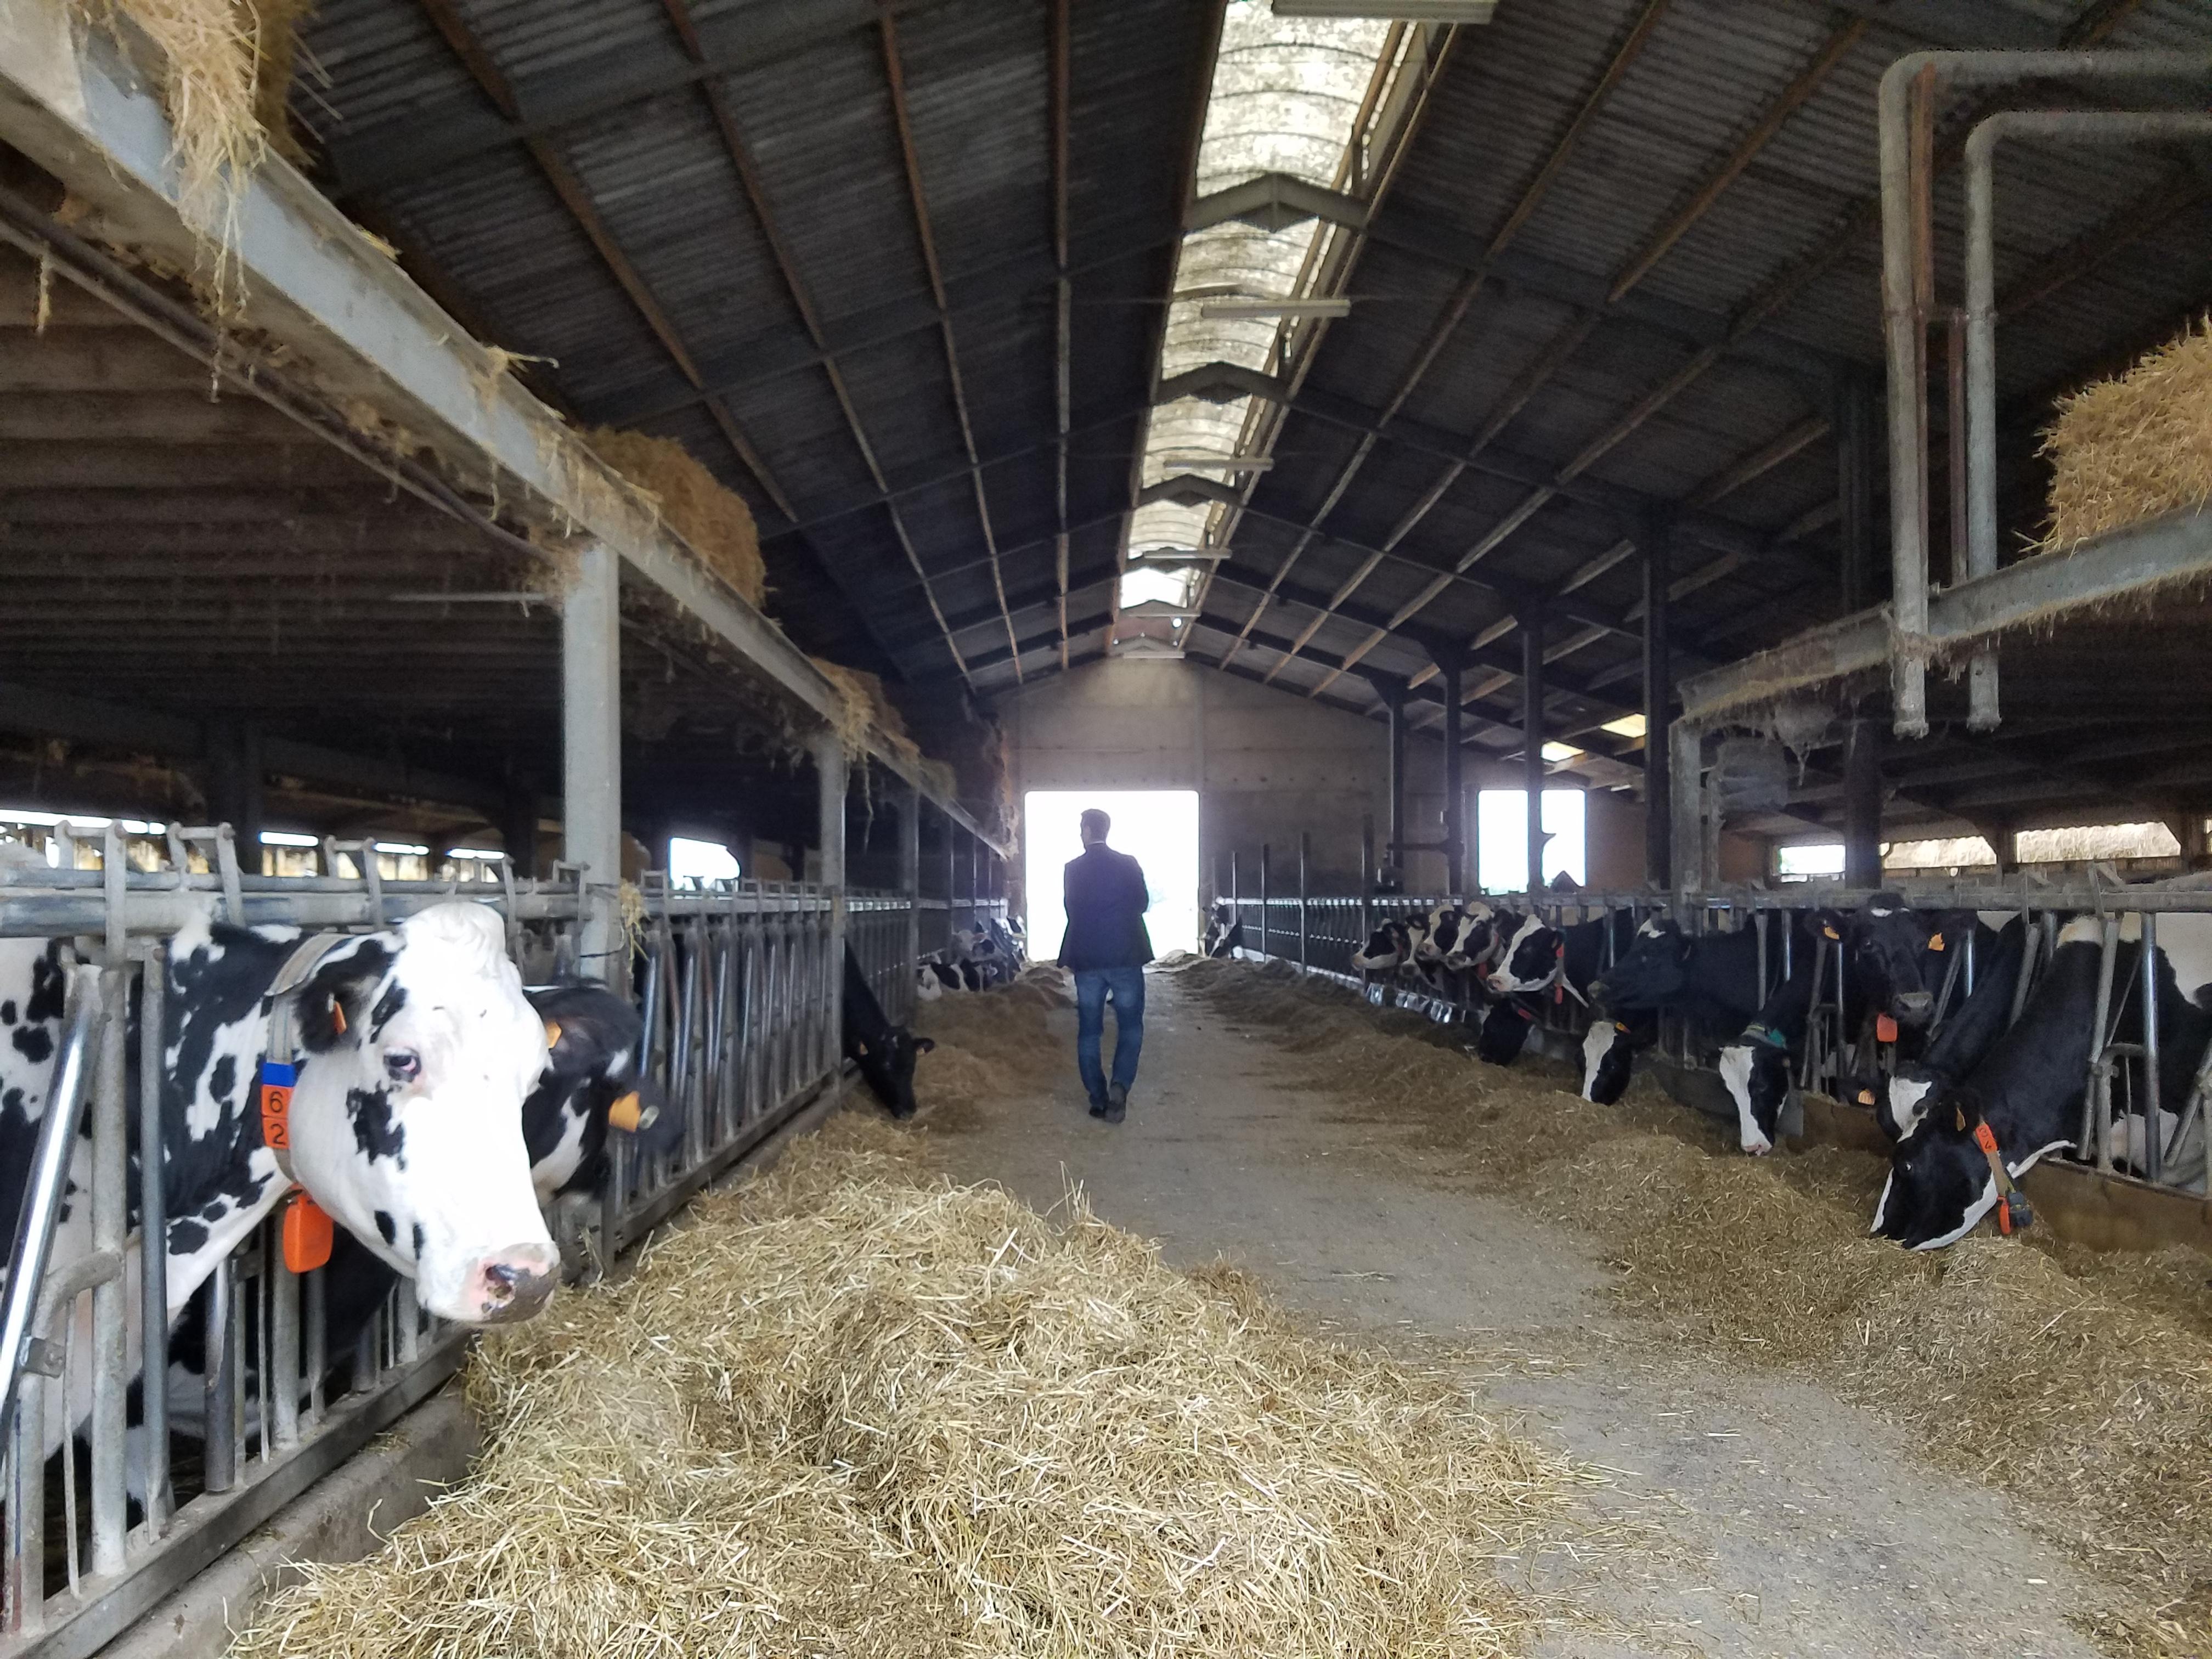 Dairy farm in Braine-le-comte, Belgium